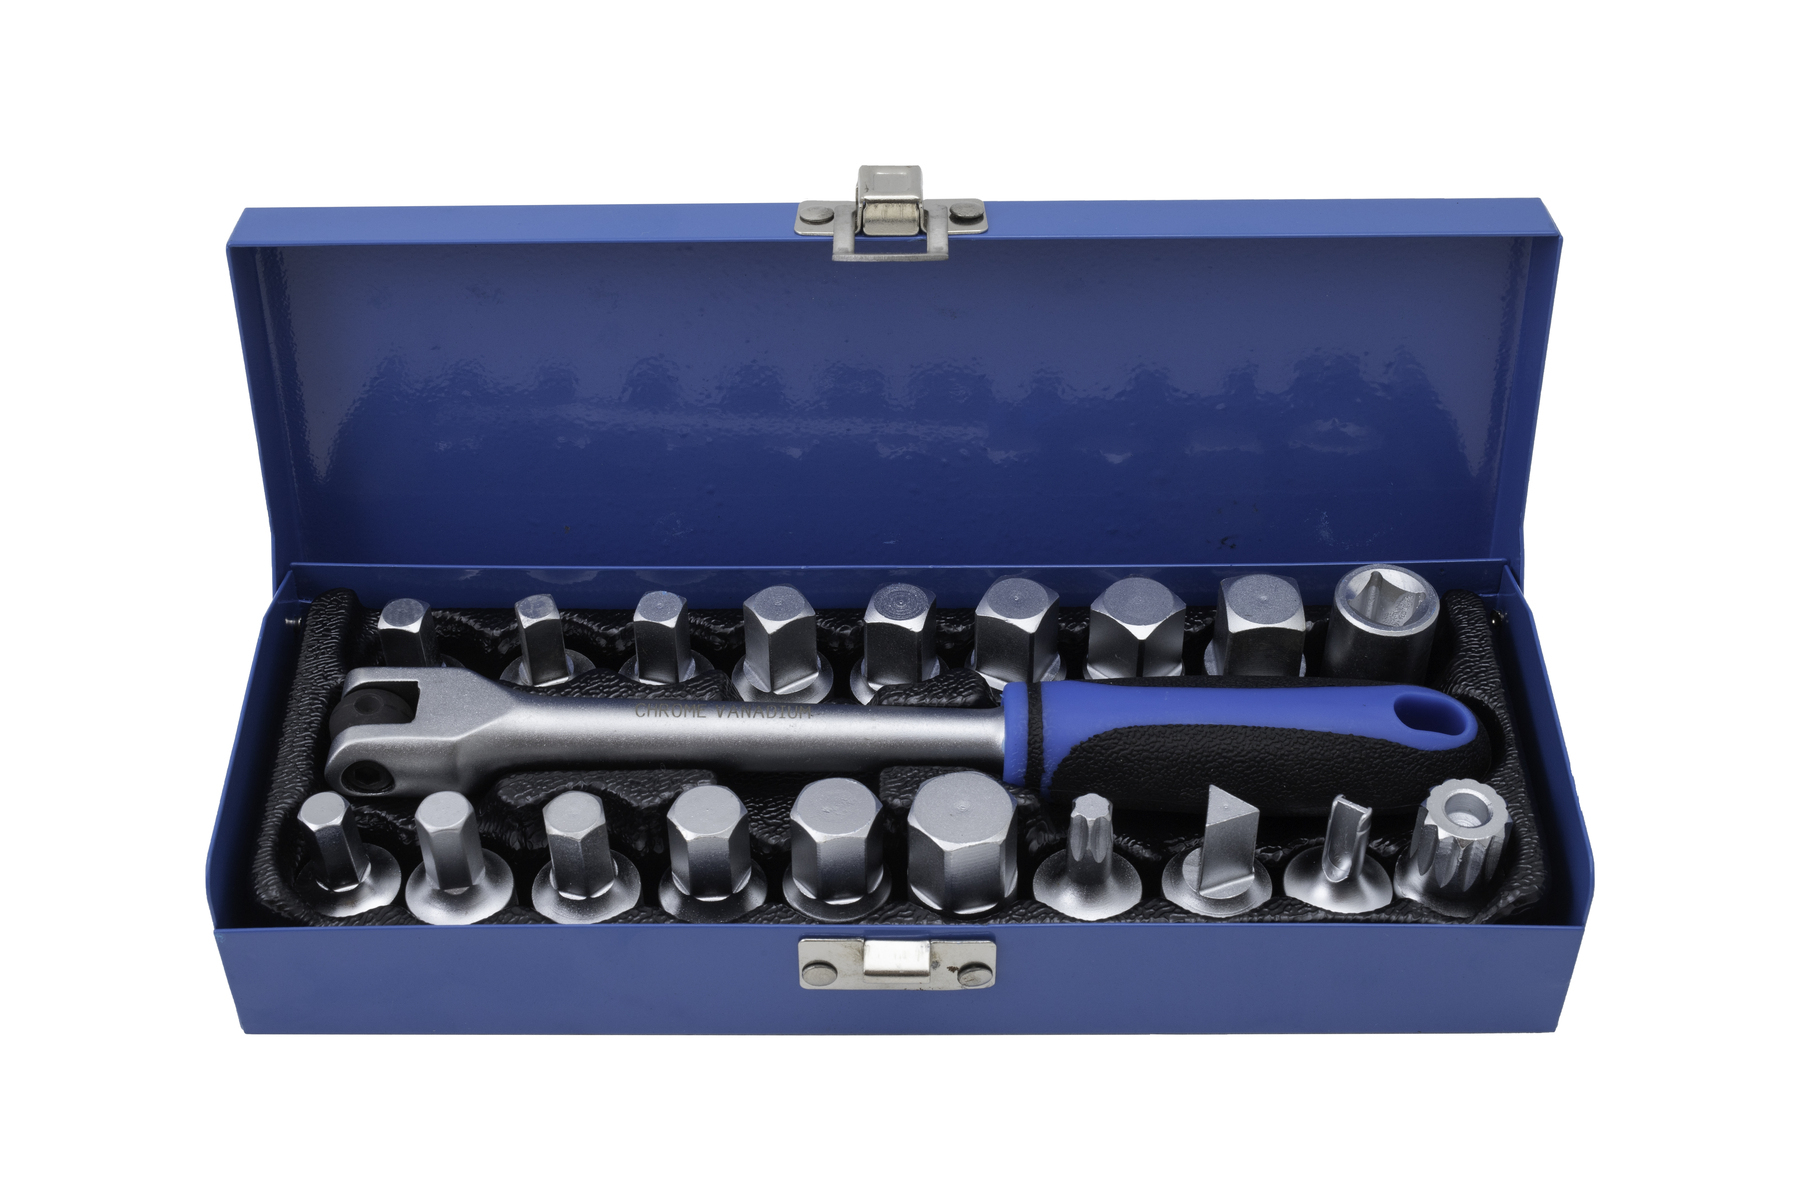 Zástrčné klíče na zátky olejových van, sada 20 kusů - QUATROS QS60019B